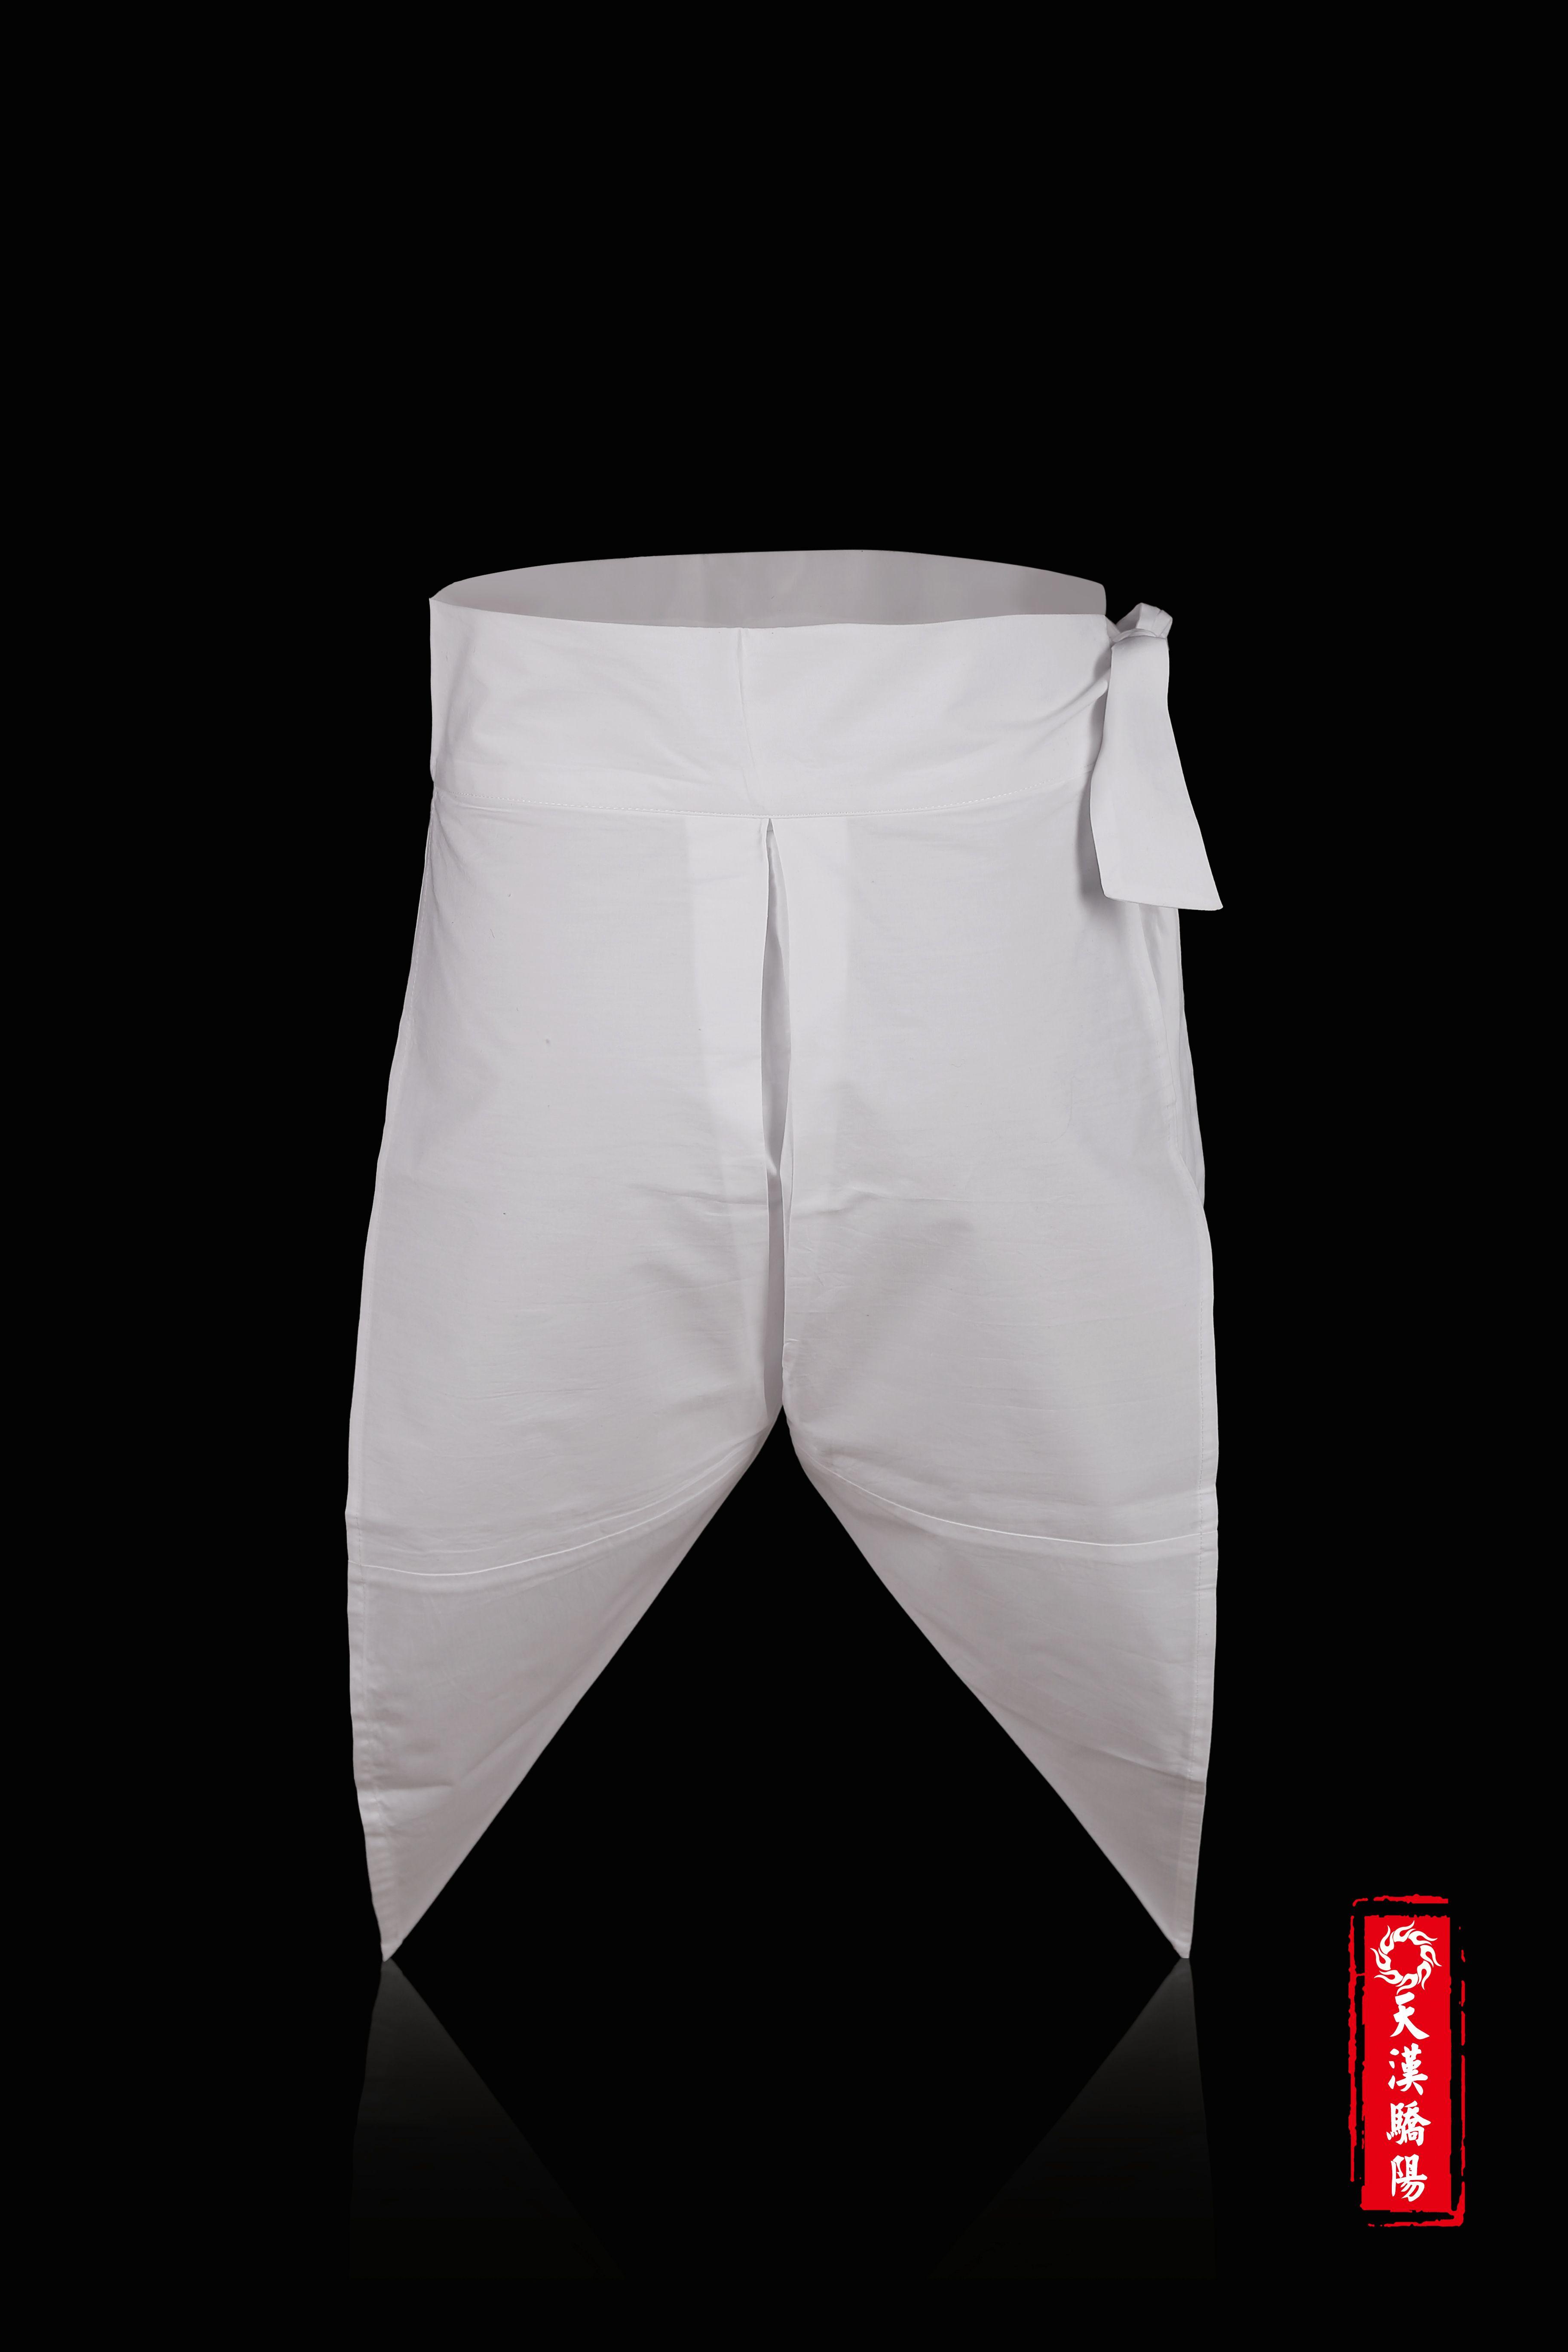 【天汉骄阳】犊鼻褌 犊鼻袴 现货汉服内裤裤衩 汉服配饰配件-淘宝网全球站